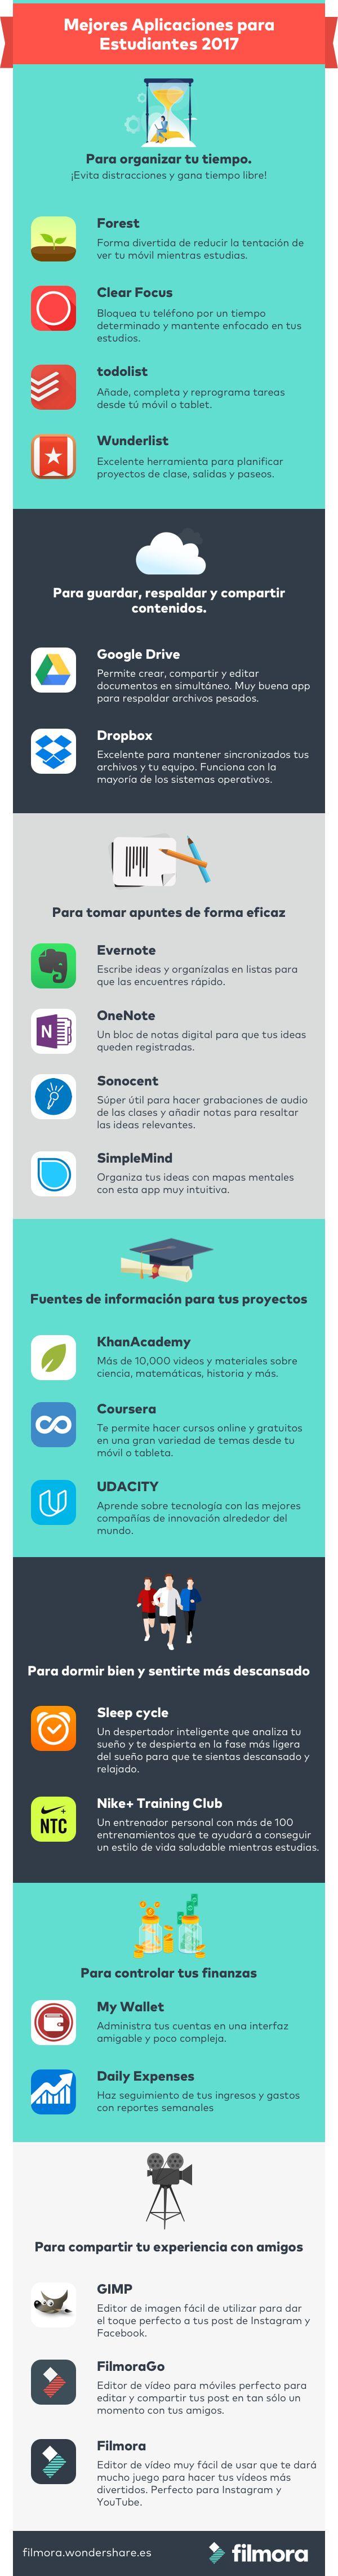 Una lista de las Mejores Aplicaciones para Estudiantes 2017. Empieza las clases con buen pie y logra un balance entre estudios y tiempo libre.